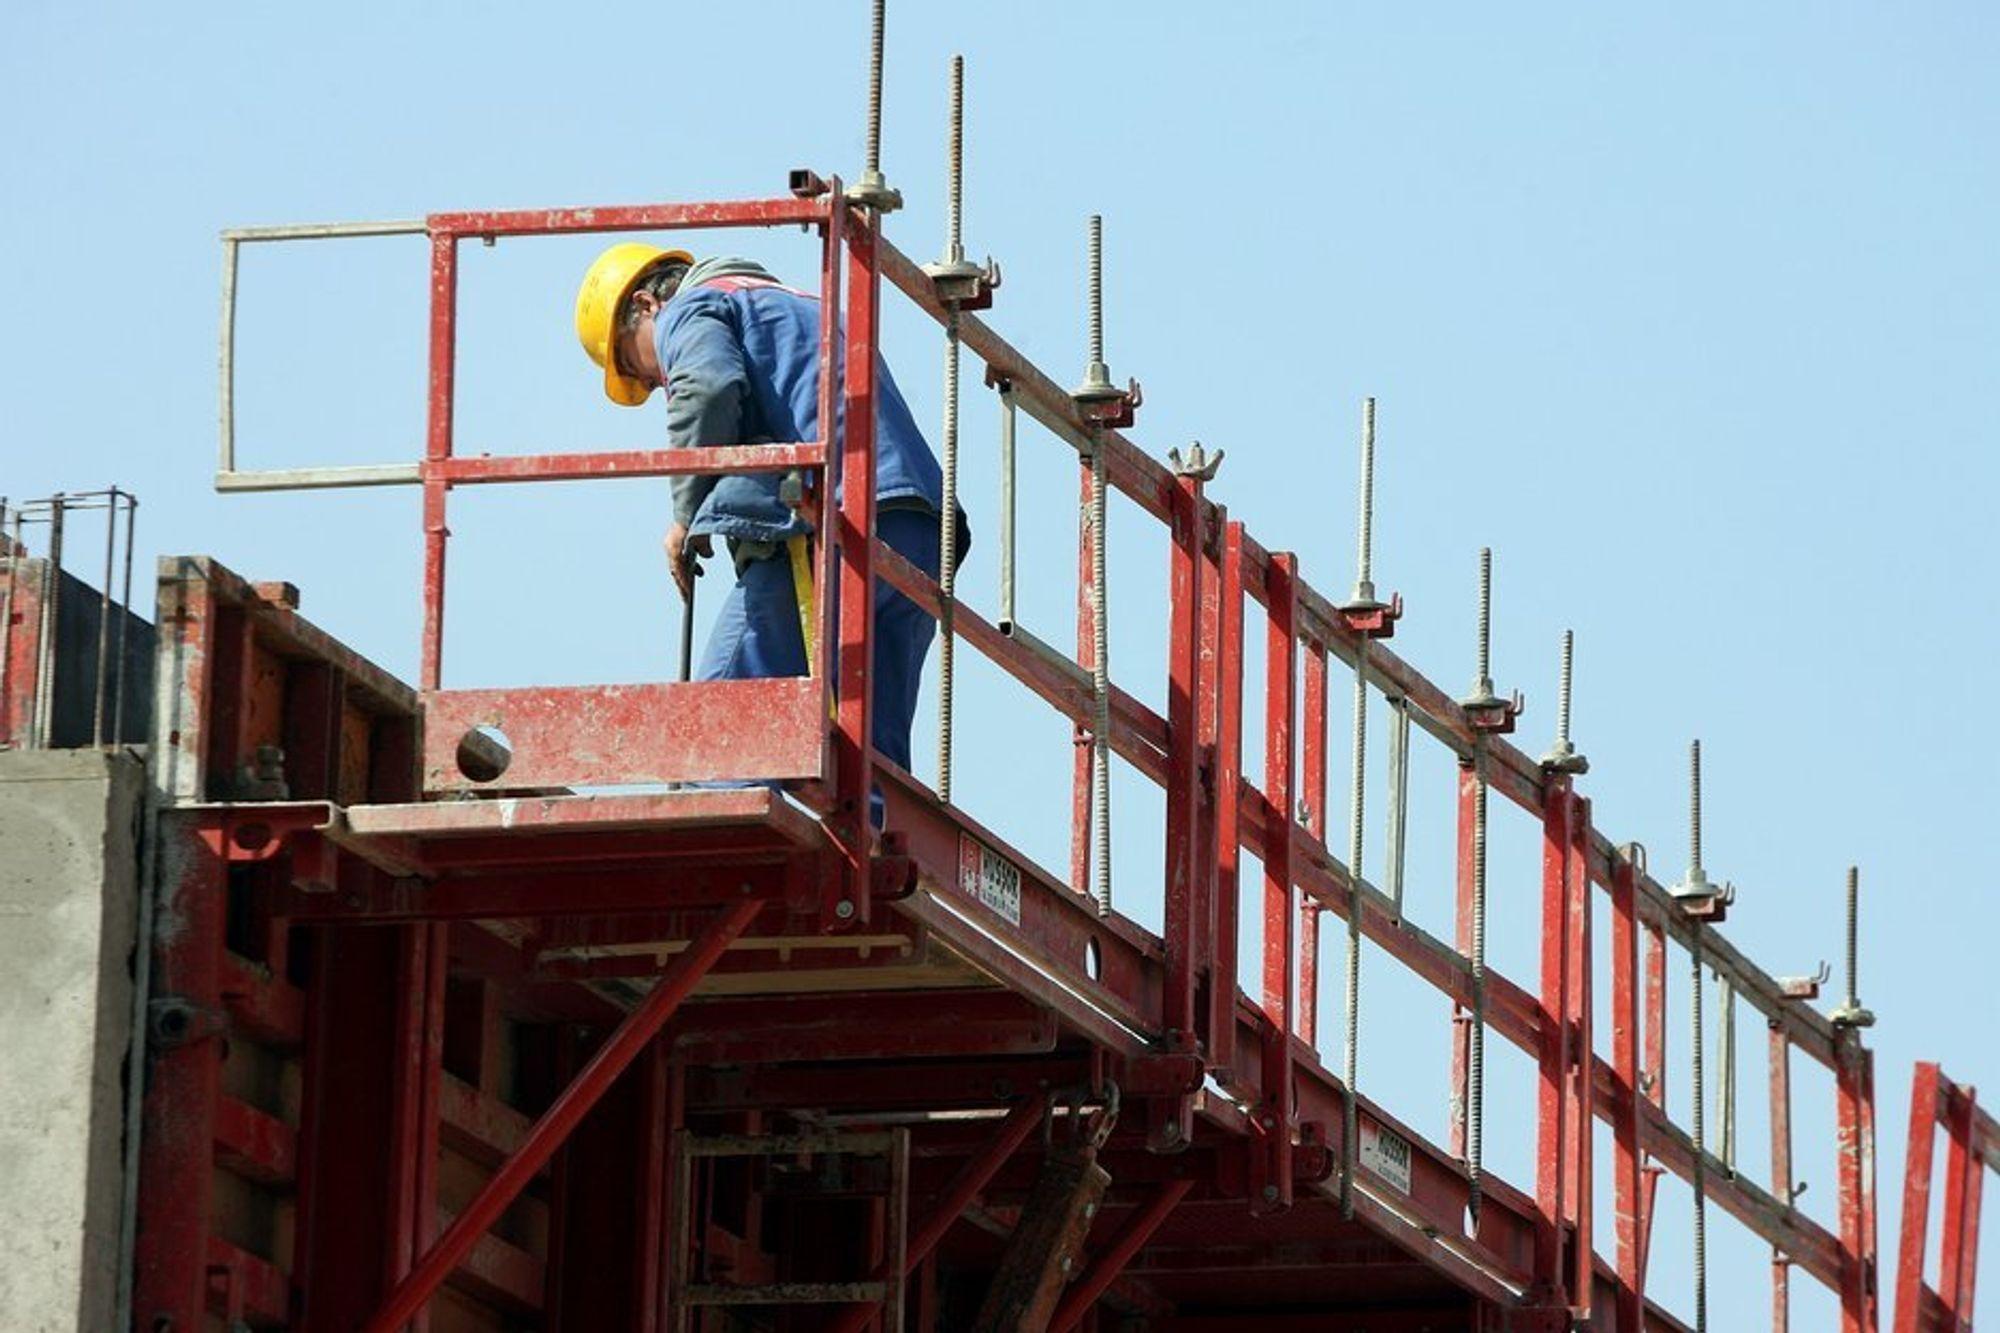 SIKKERHET: Magnhild Meltveit Kleppa vil oversette Byggforsk-serien til polsk for å være sikker på at polske arbeidere vet hvordan norske byggeforskrifter brukes i praksis.